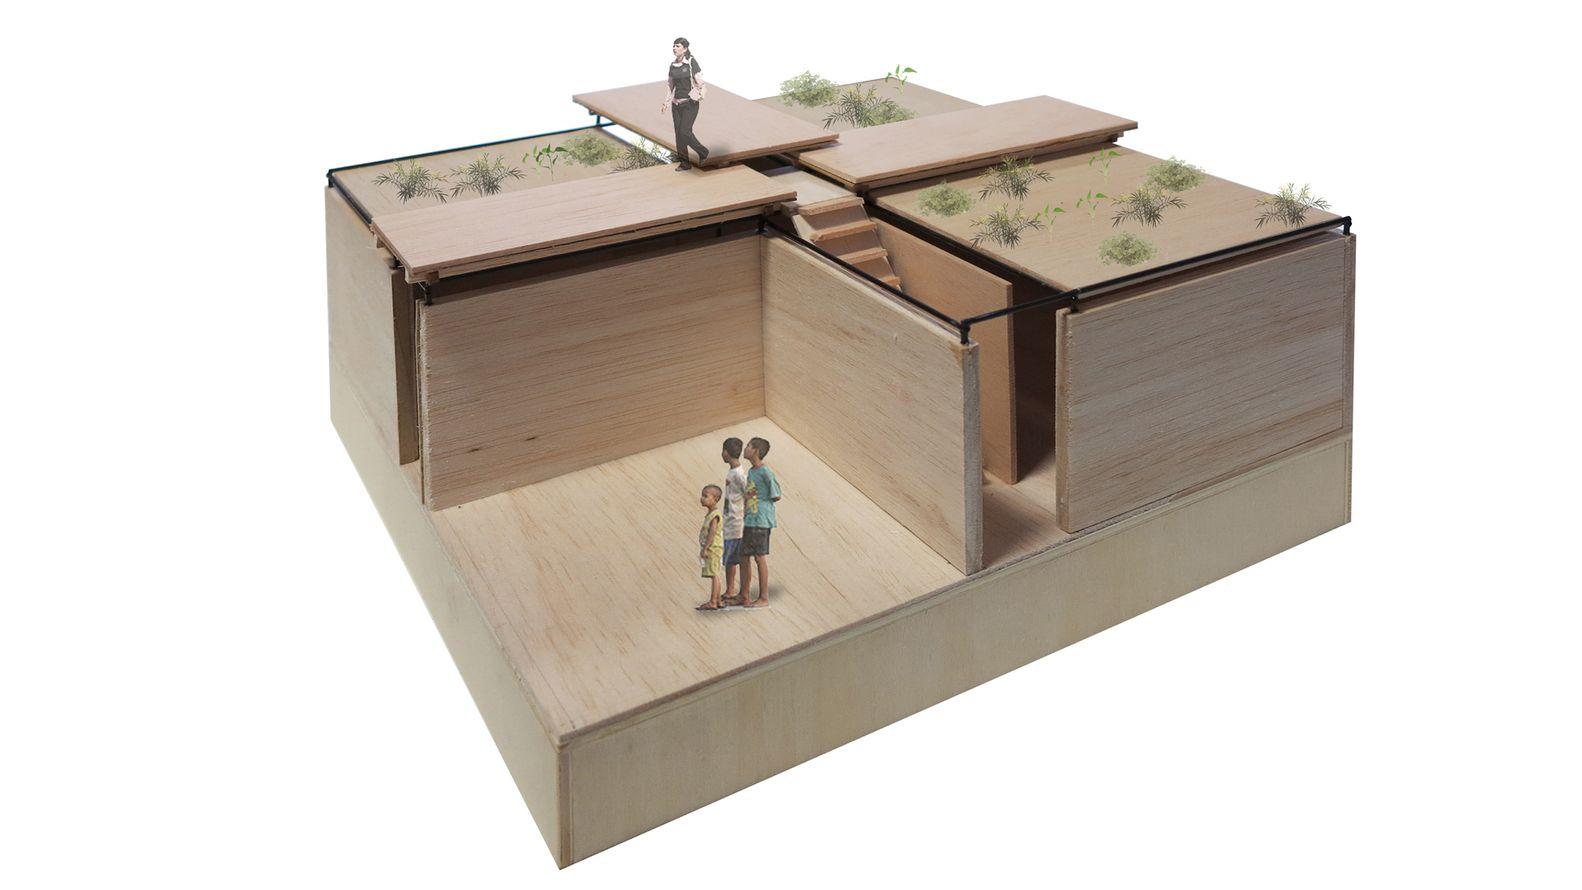 Escuelas modulares de andamios y arena permiten educar a los niños refugiados en Jordania,Maqueta